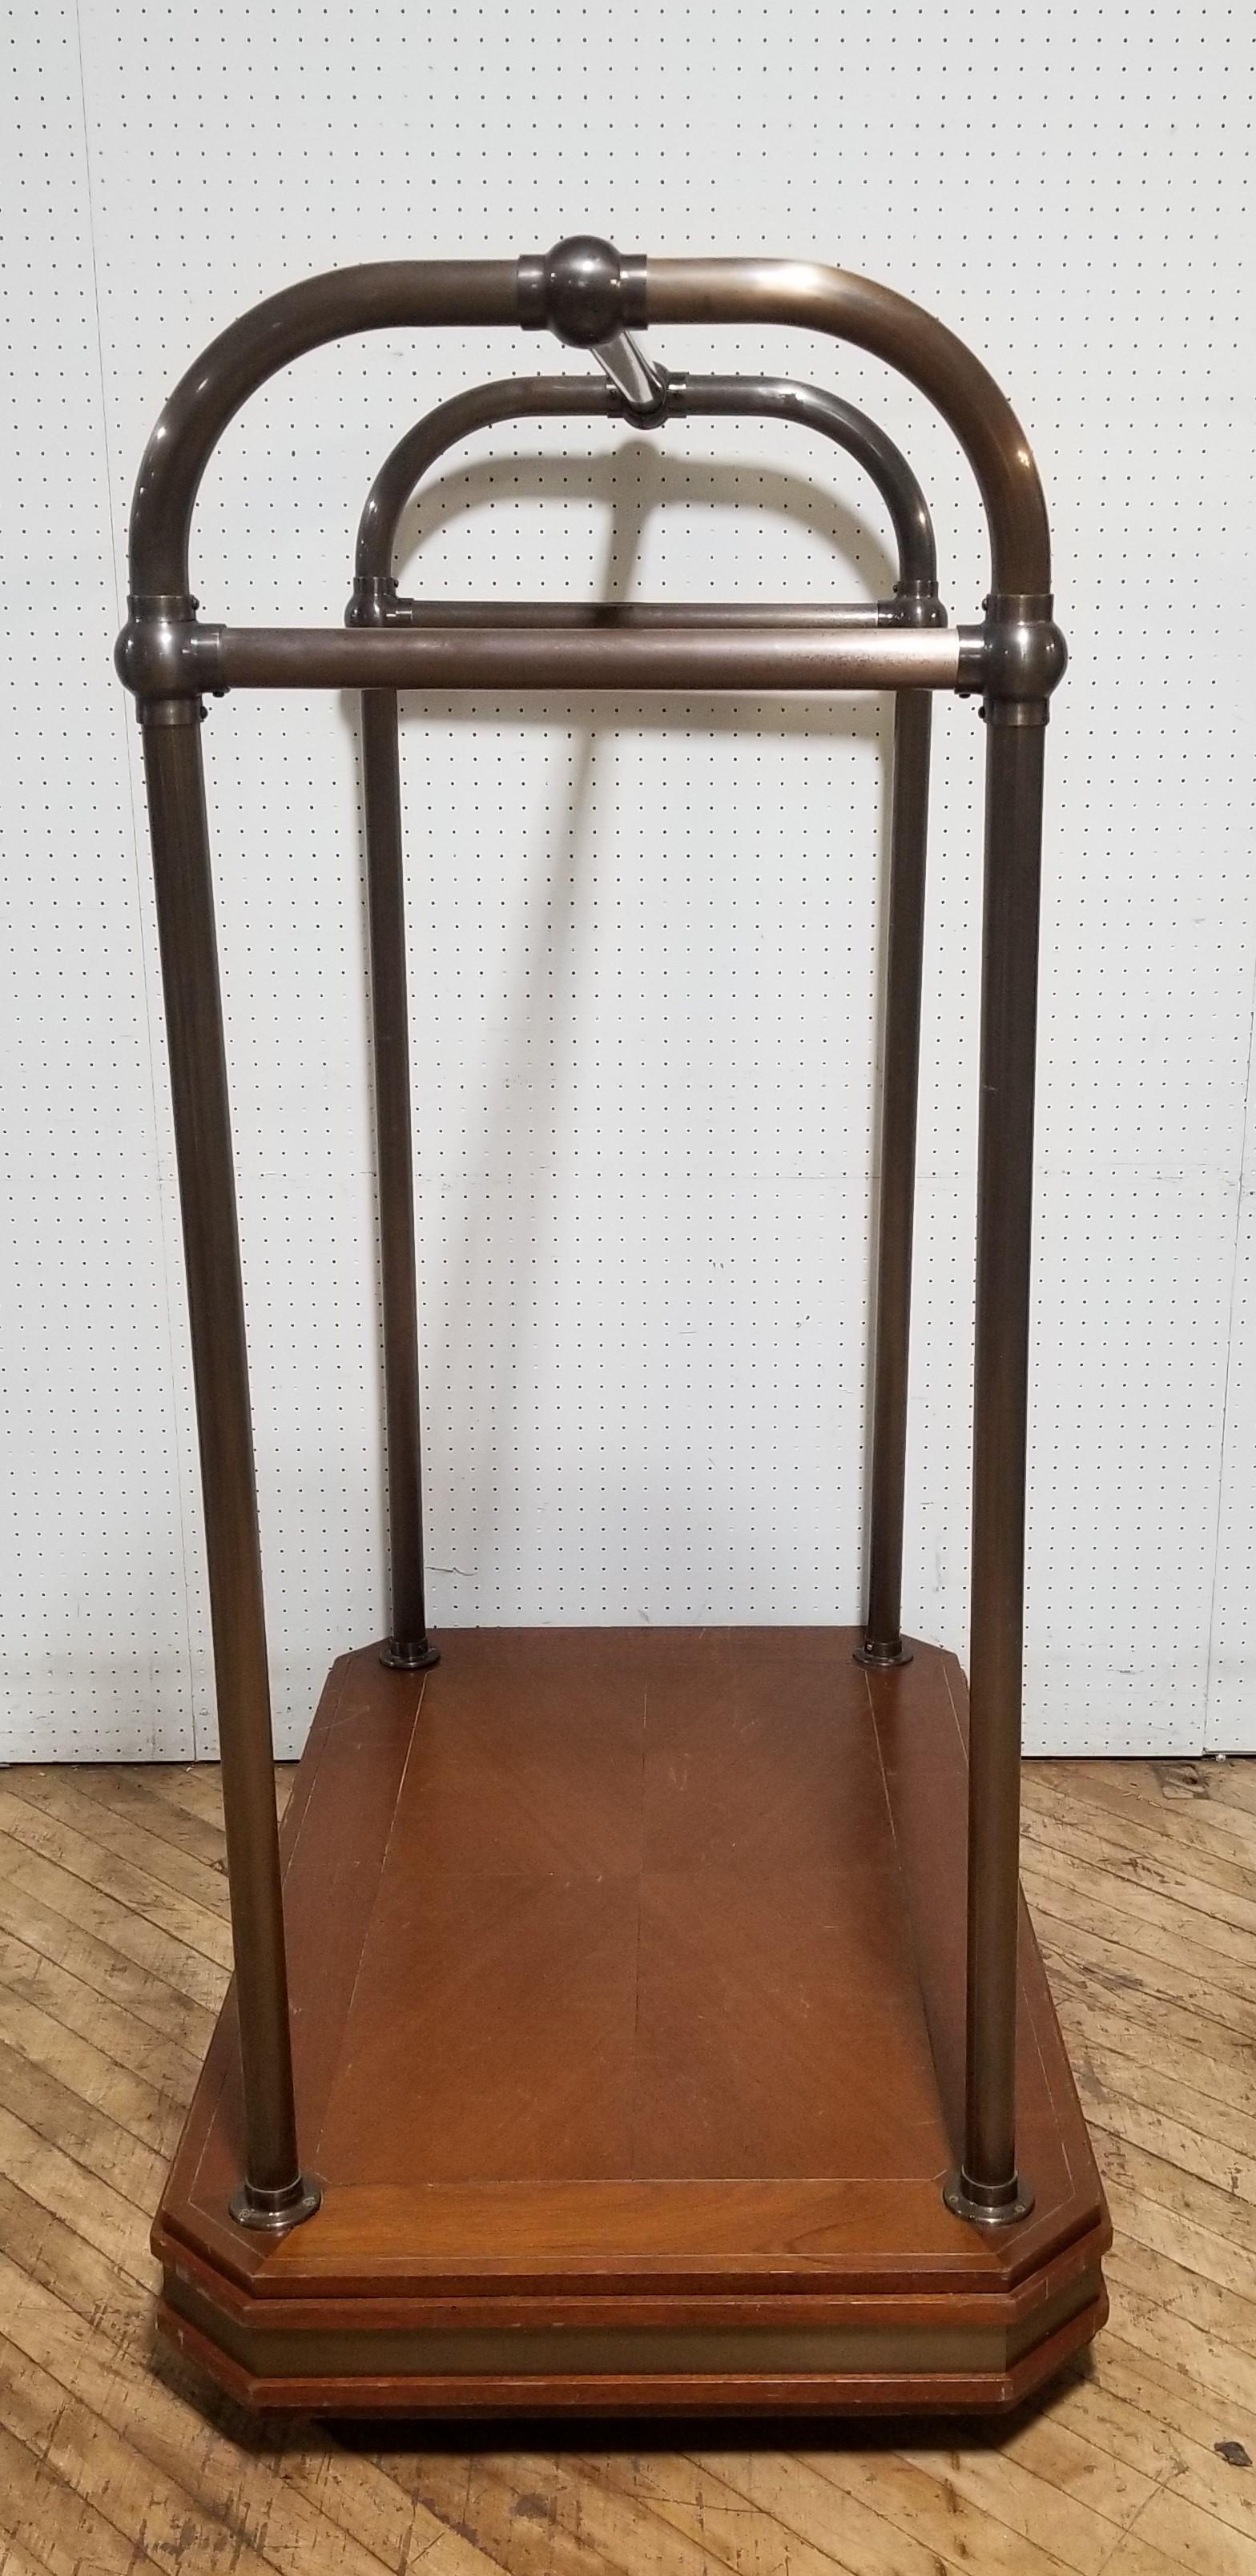 #124. Bellboy Cart